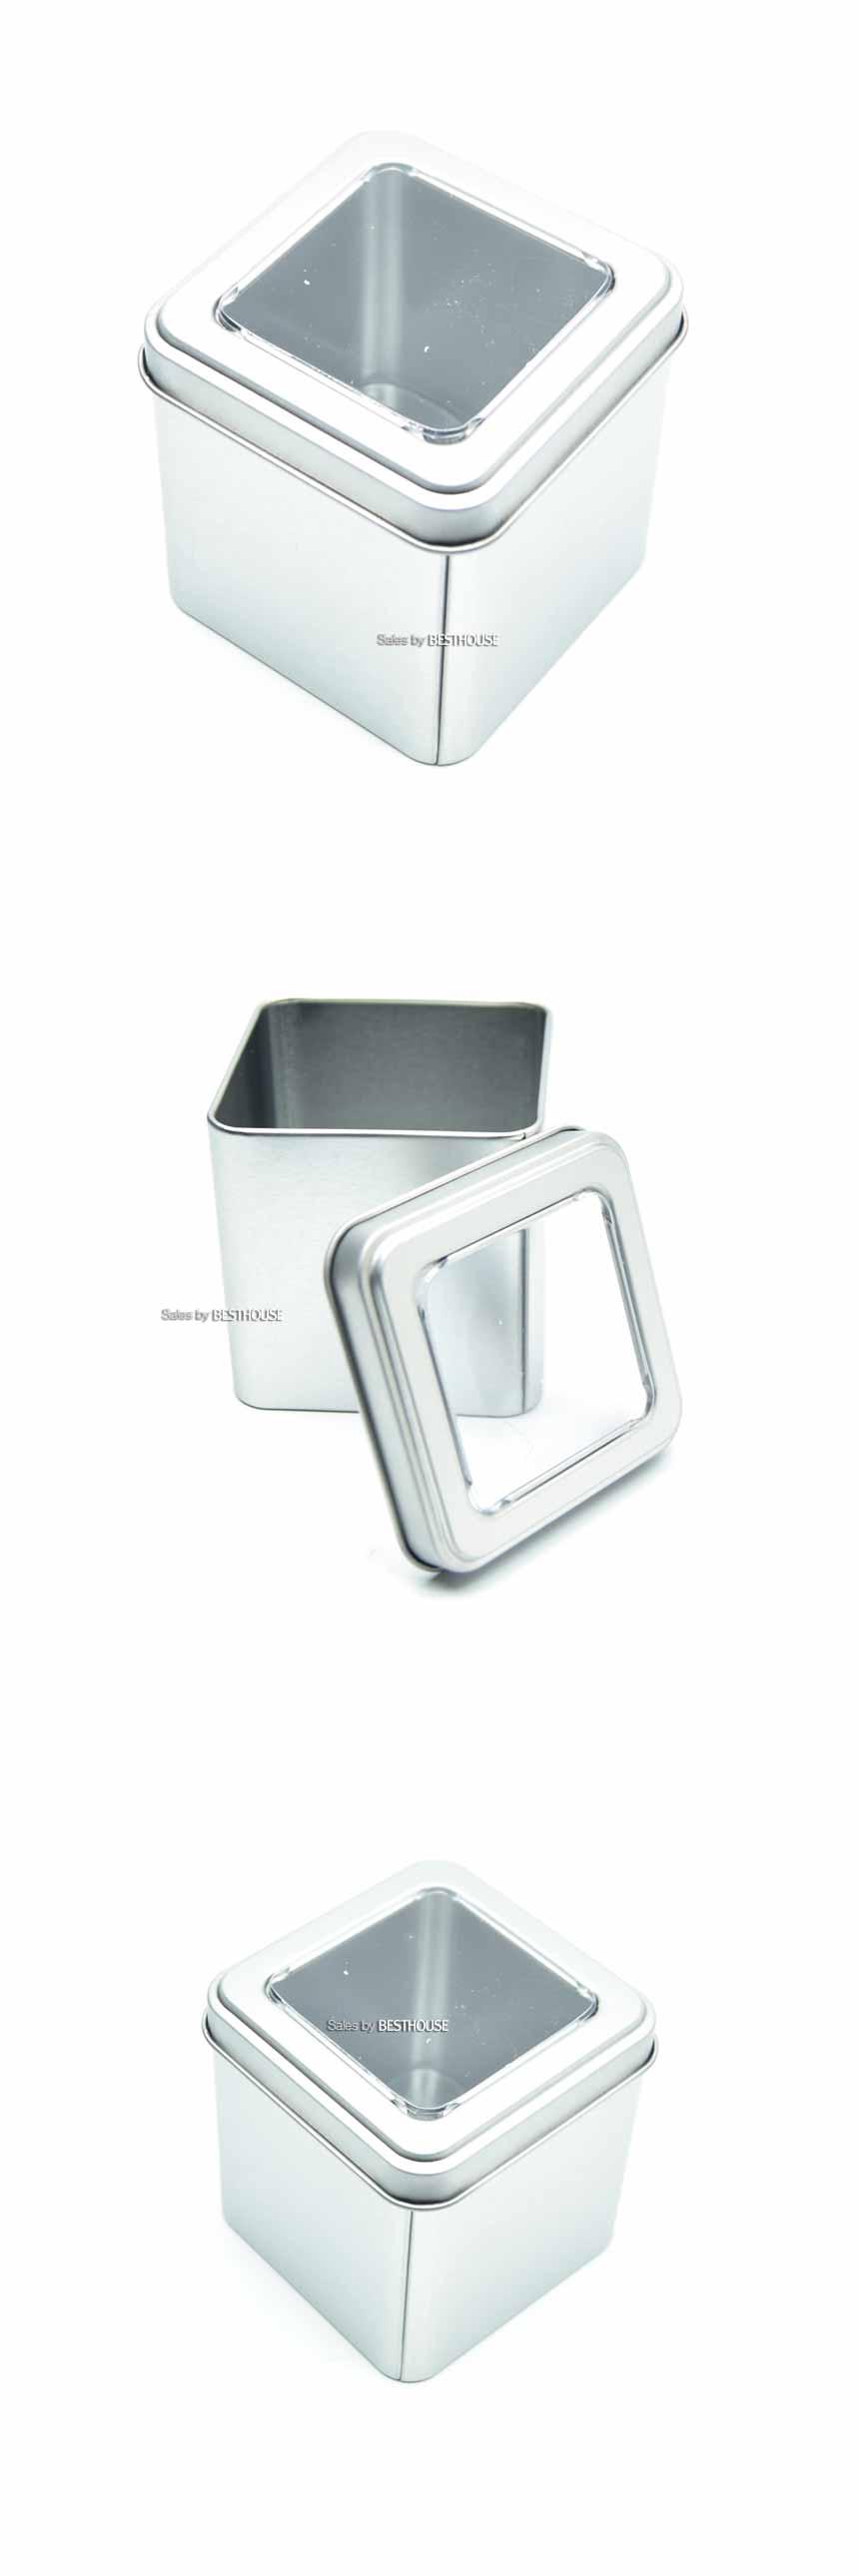 알루미늄 케이스 사각 투명창 75x75x75mm (부품통/피스통/나사통/넛트통)